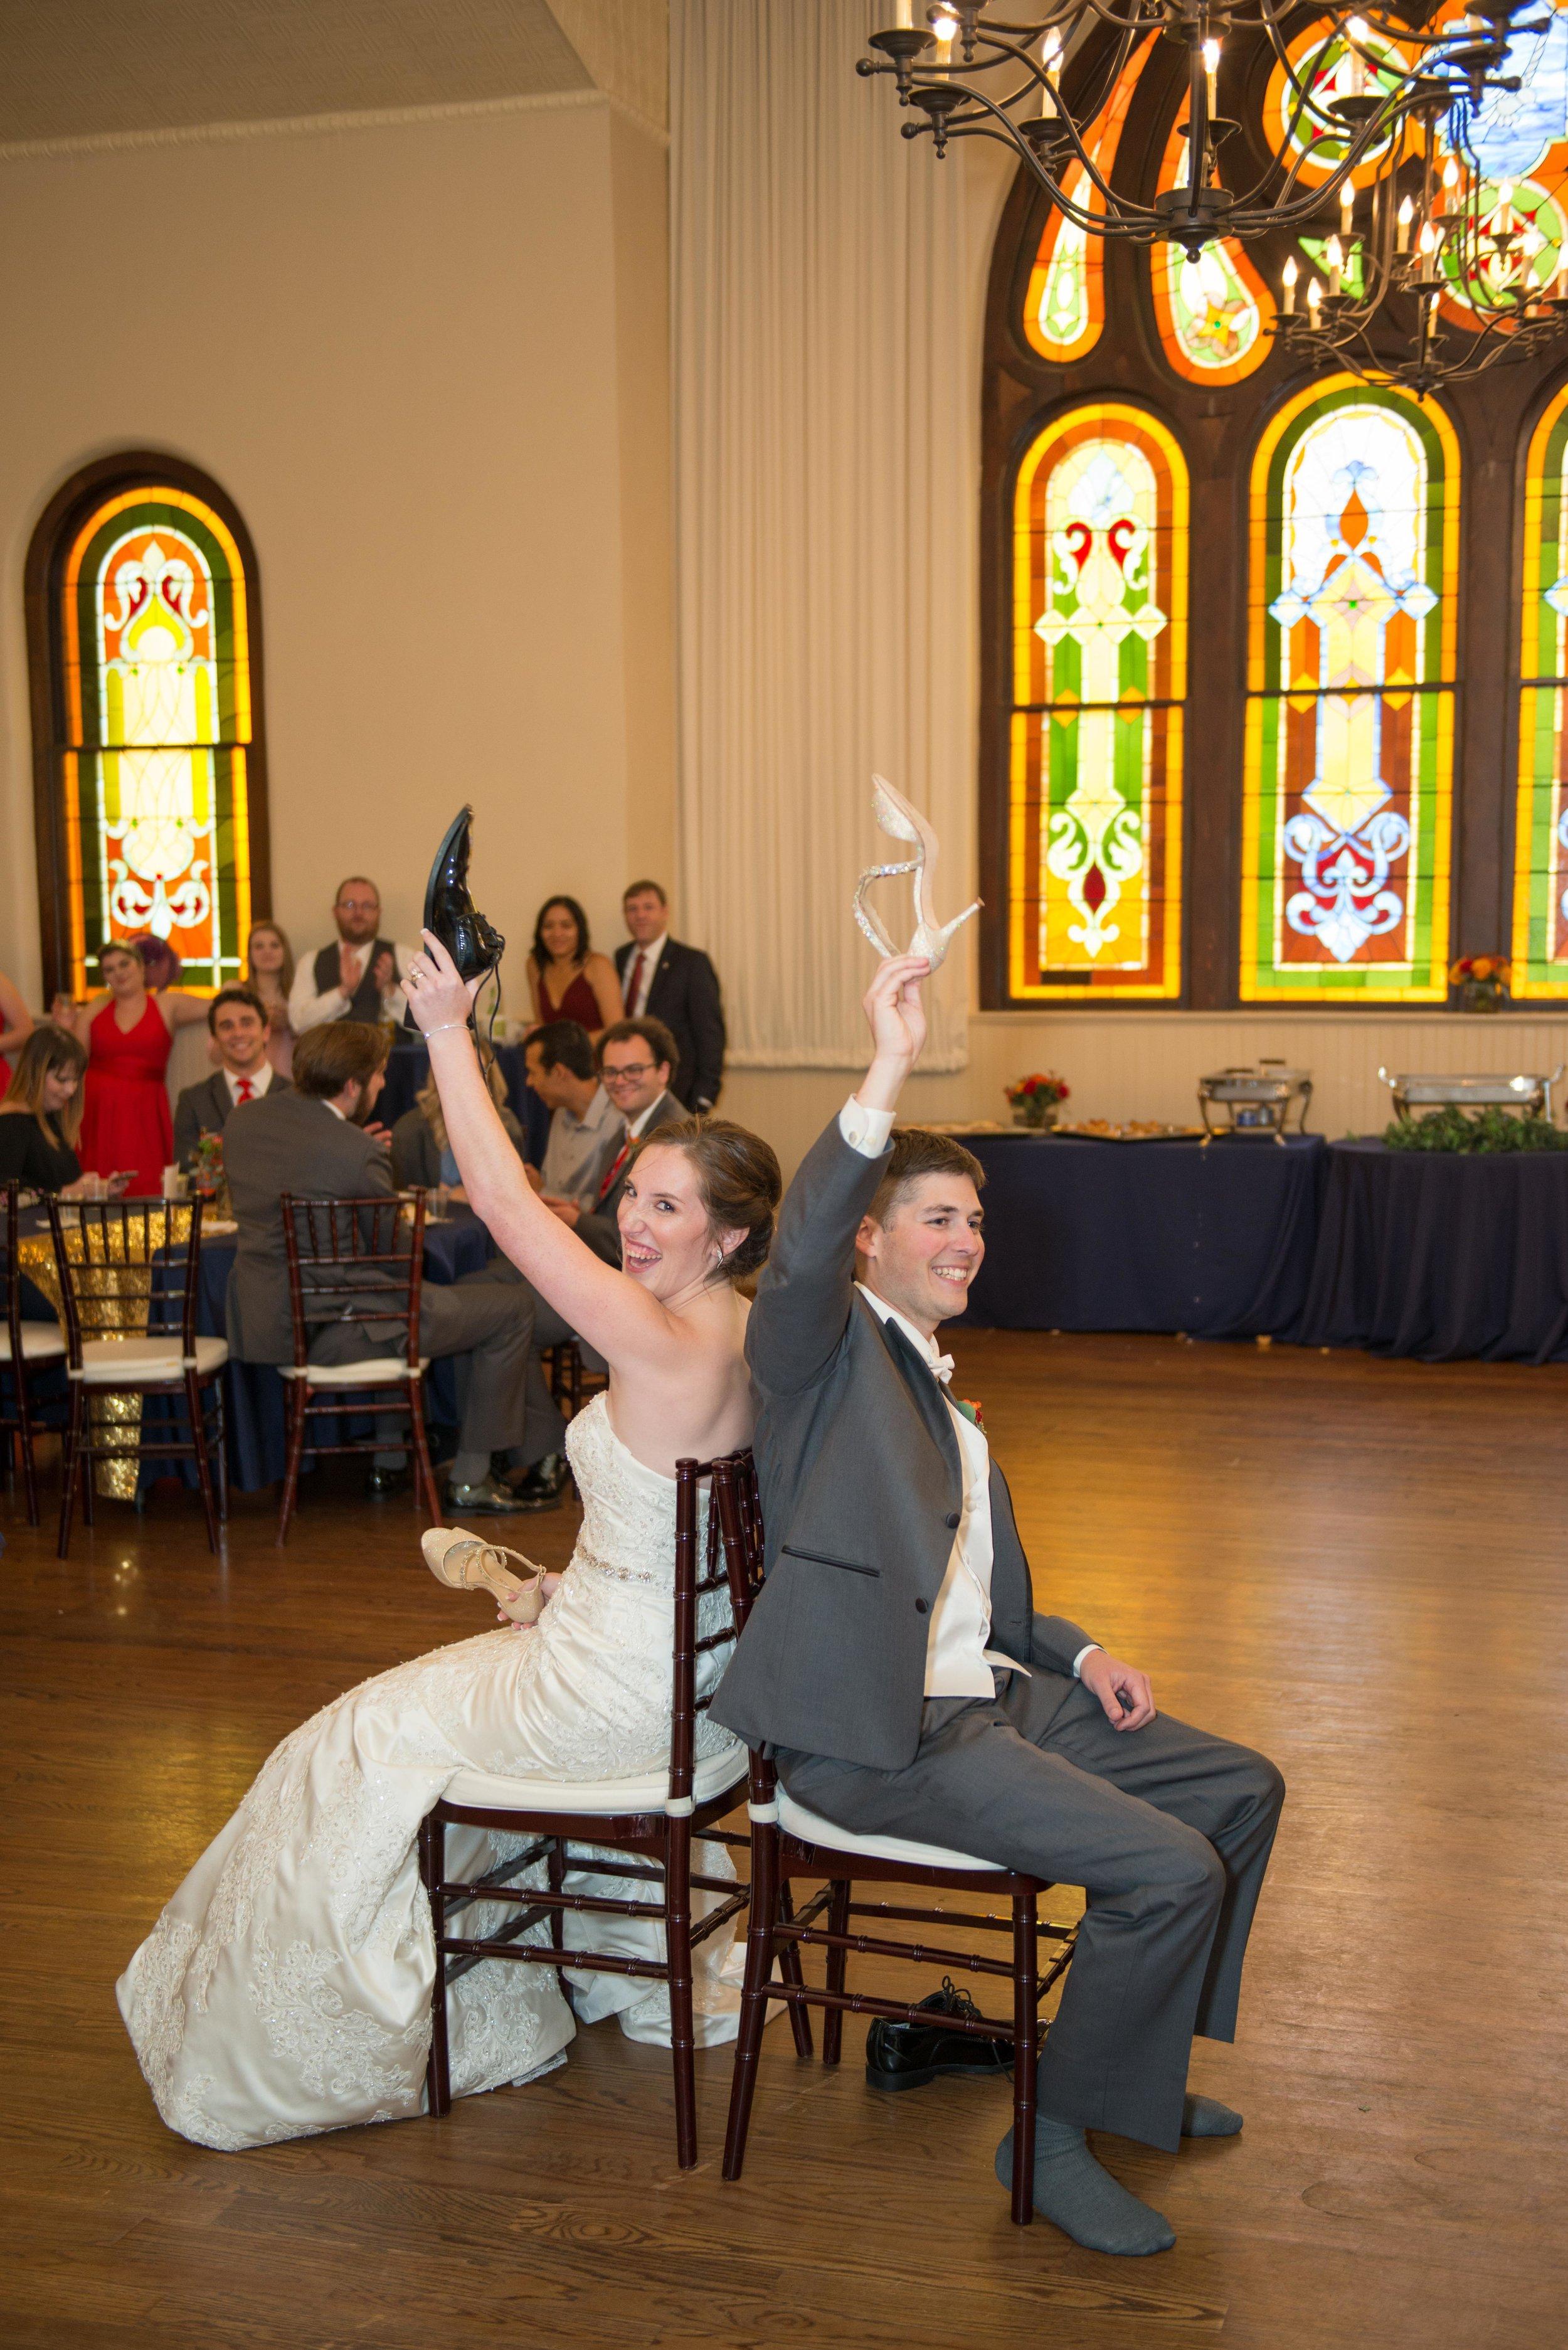 00001_Adams-Wedding-98.jpg